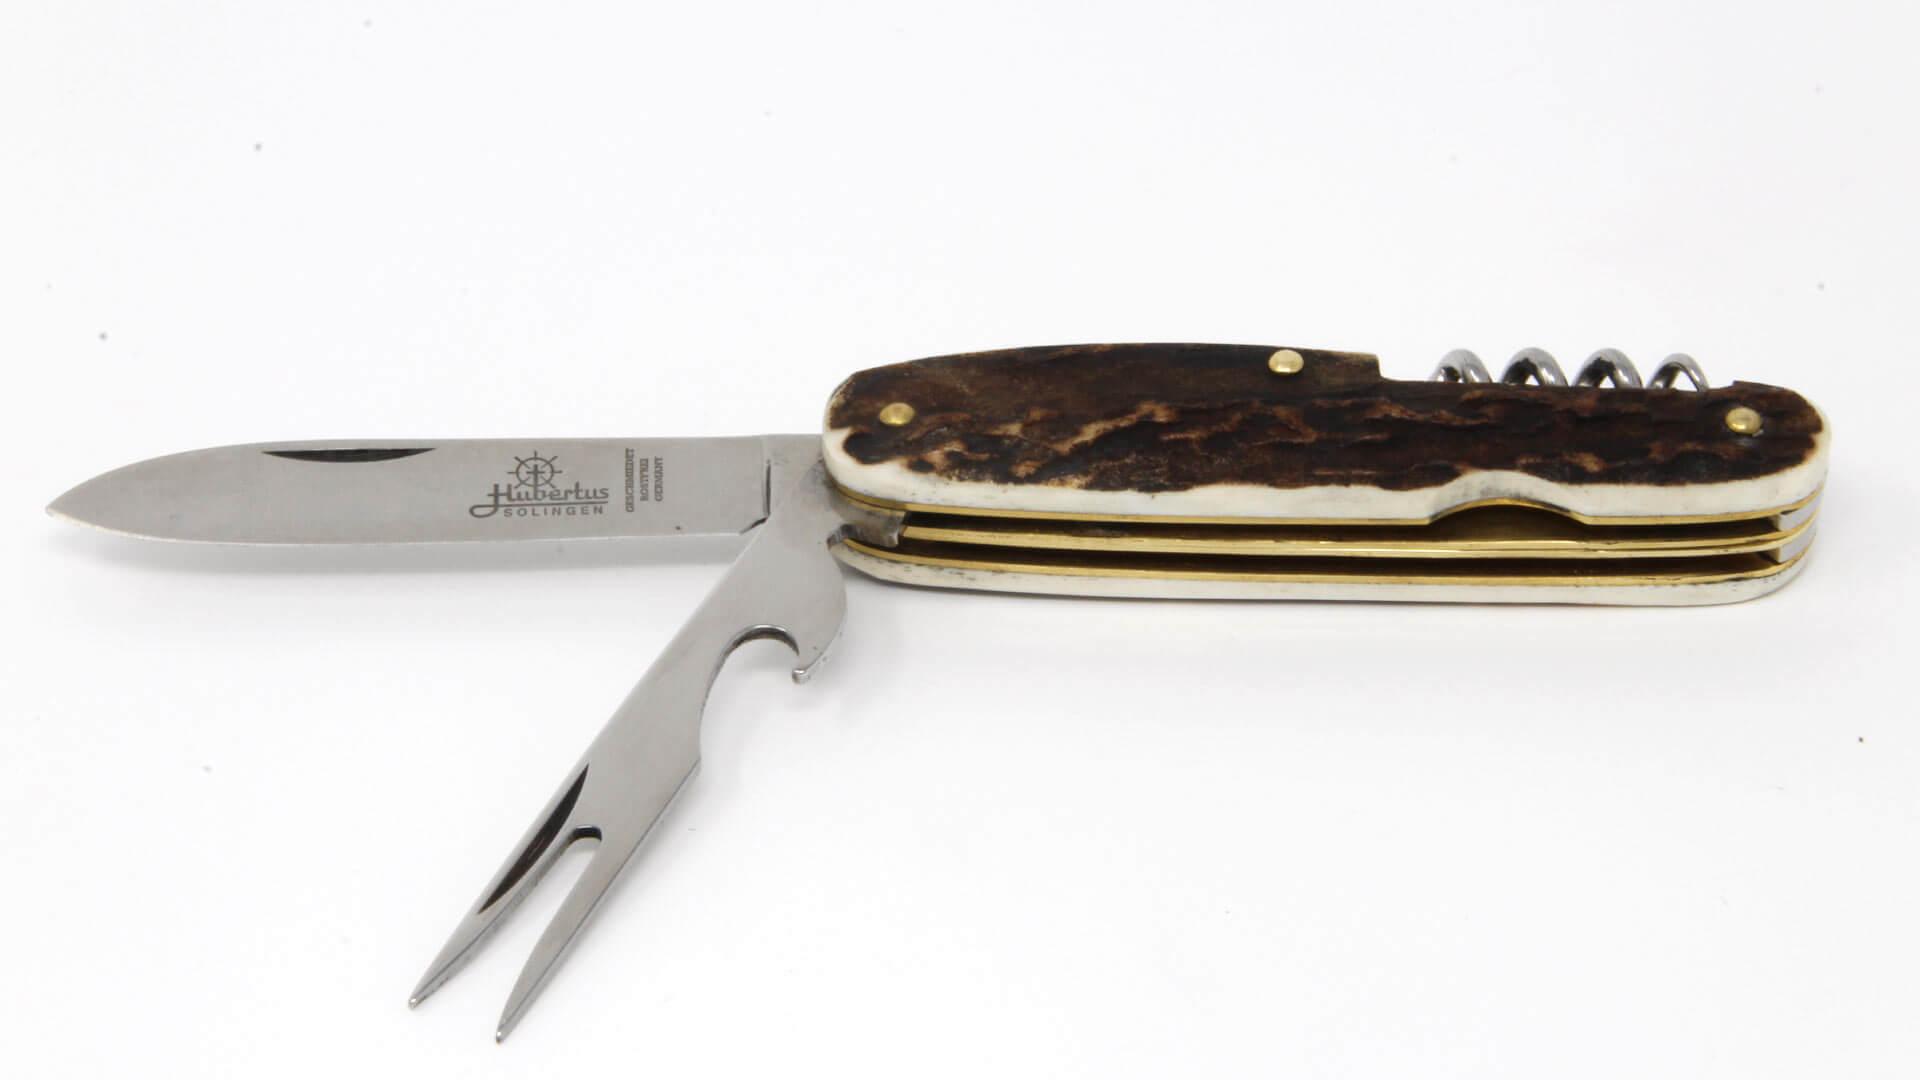 Hubertus Bestecktaschenmesser aufgeklappt